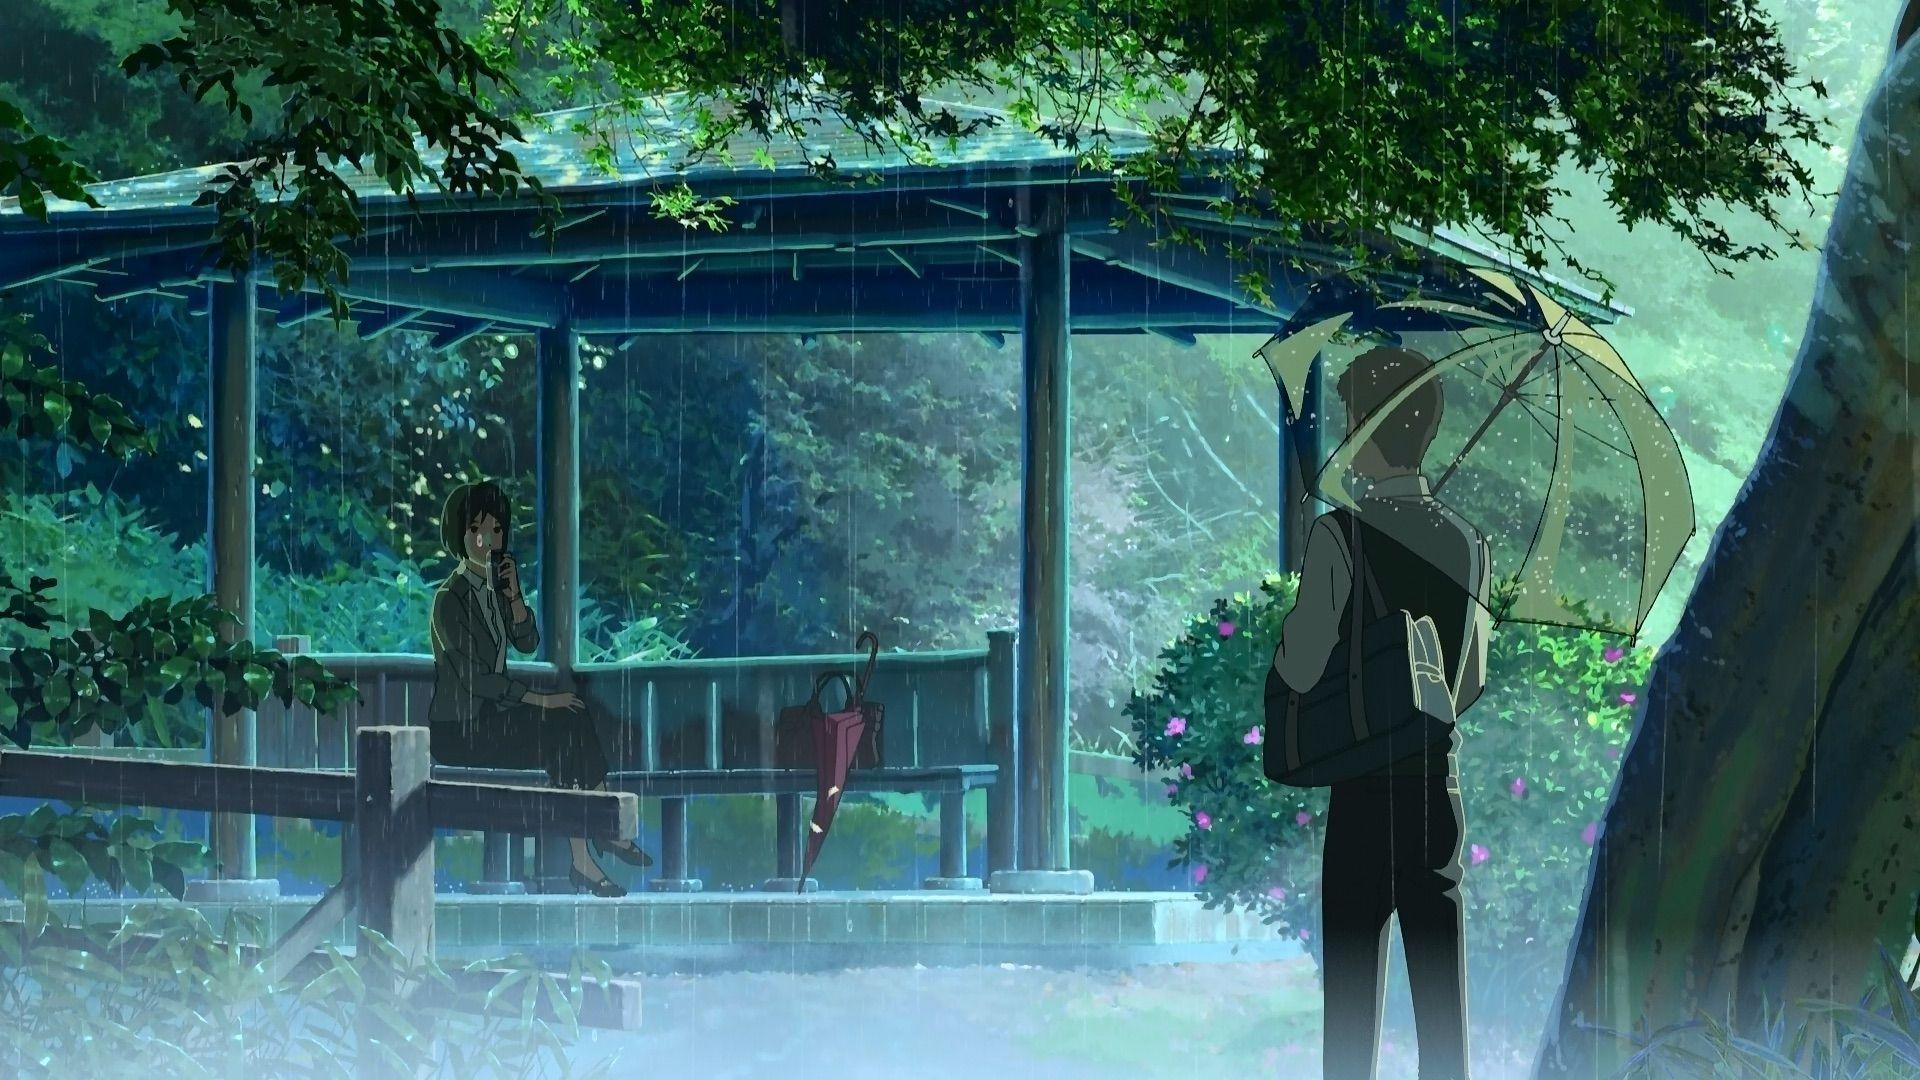 Eljardin1 Jardin De Las Palabras Mejores Peliculas De Anime Peliculas De Anime